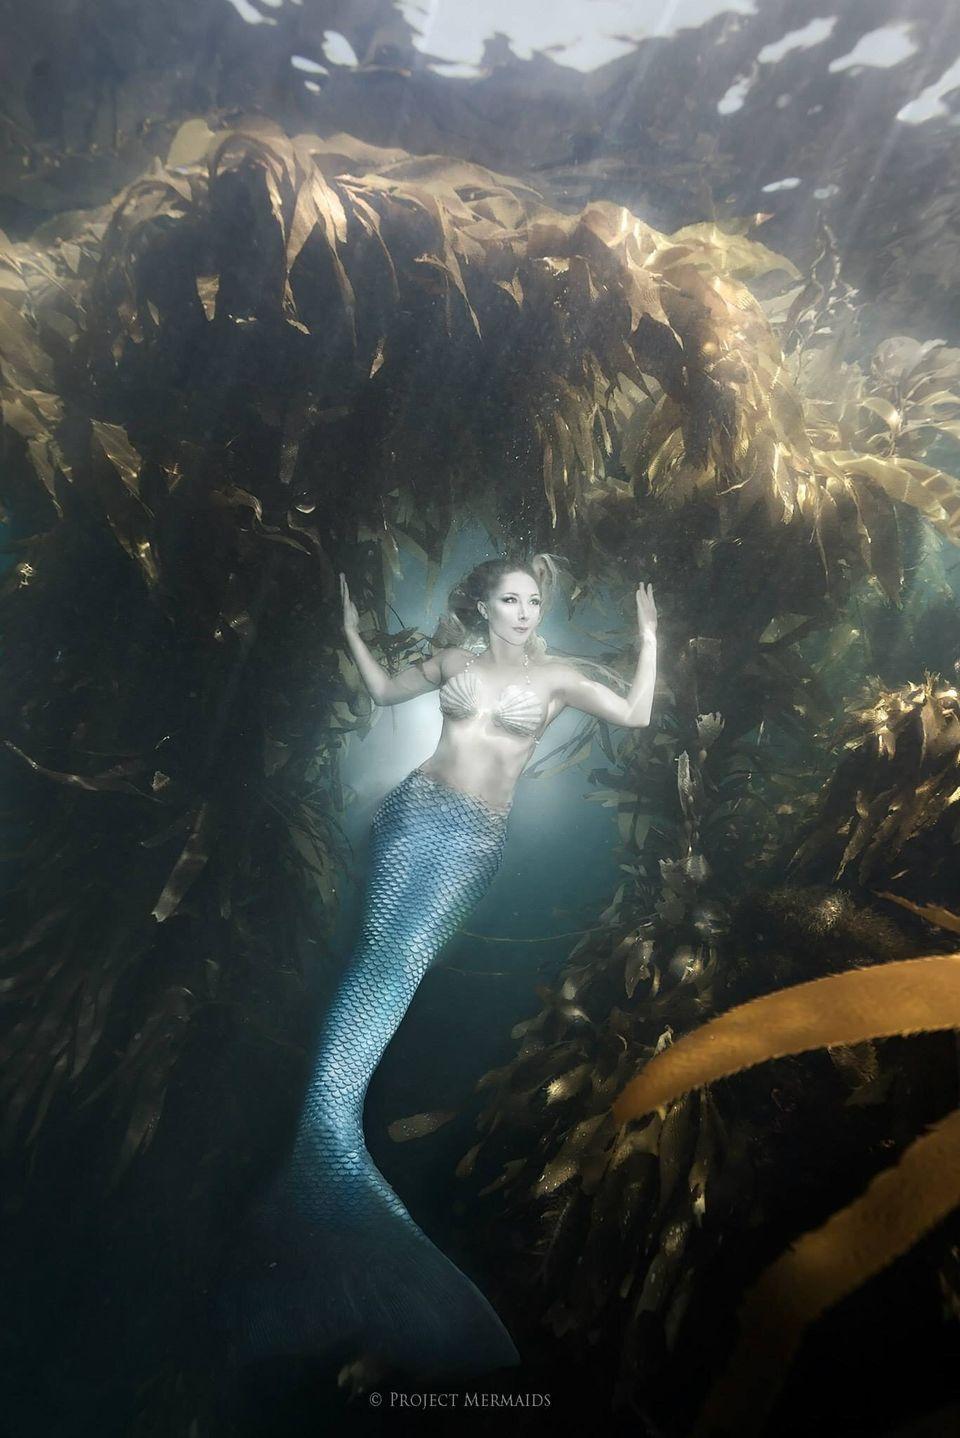 바다를 지키기 위해 인어가 된